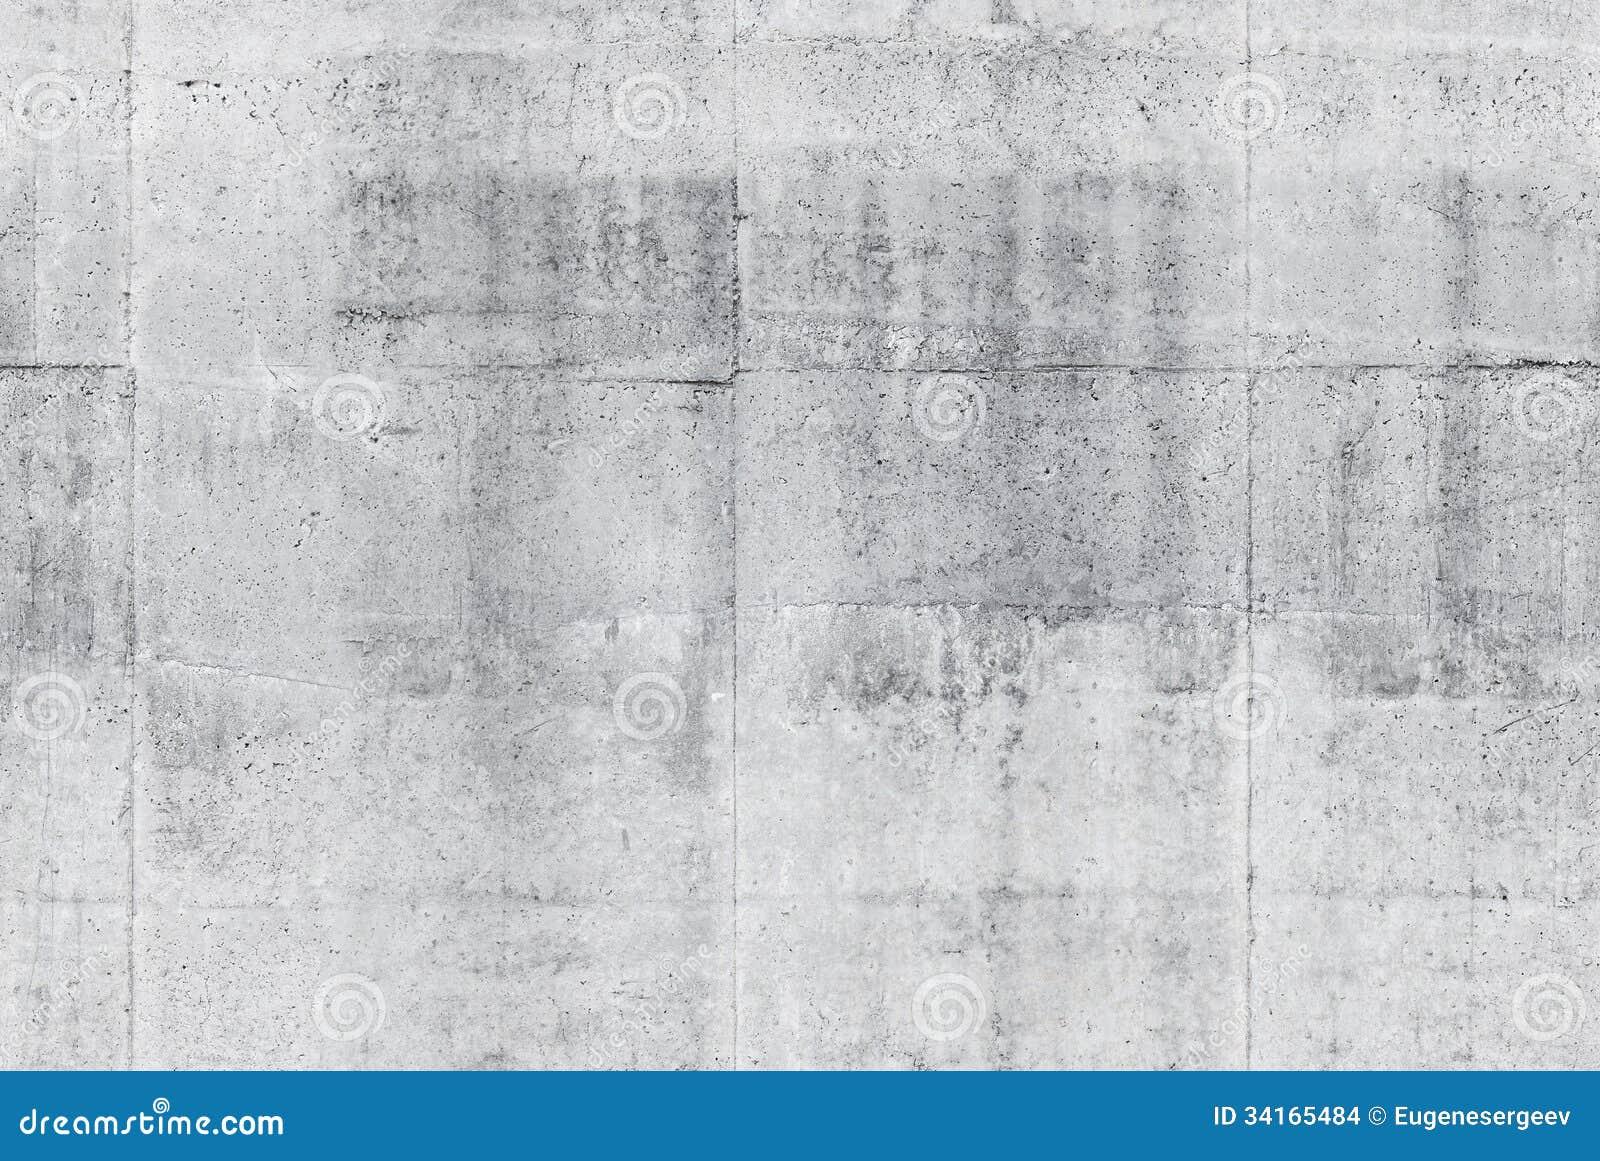 Naadloze grijze concrete muurtextuur als achtergrond